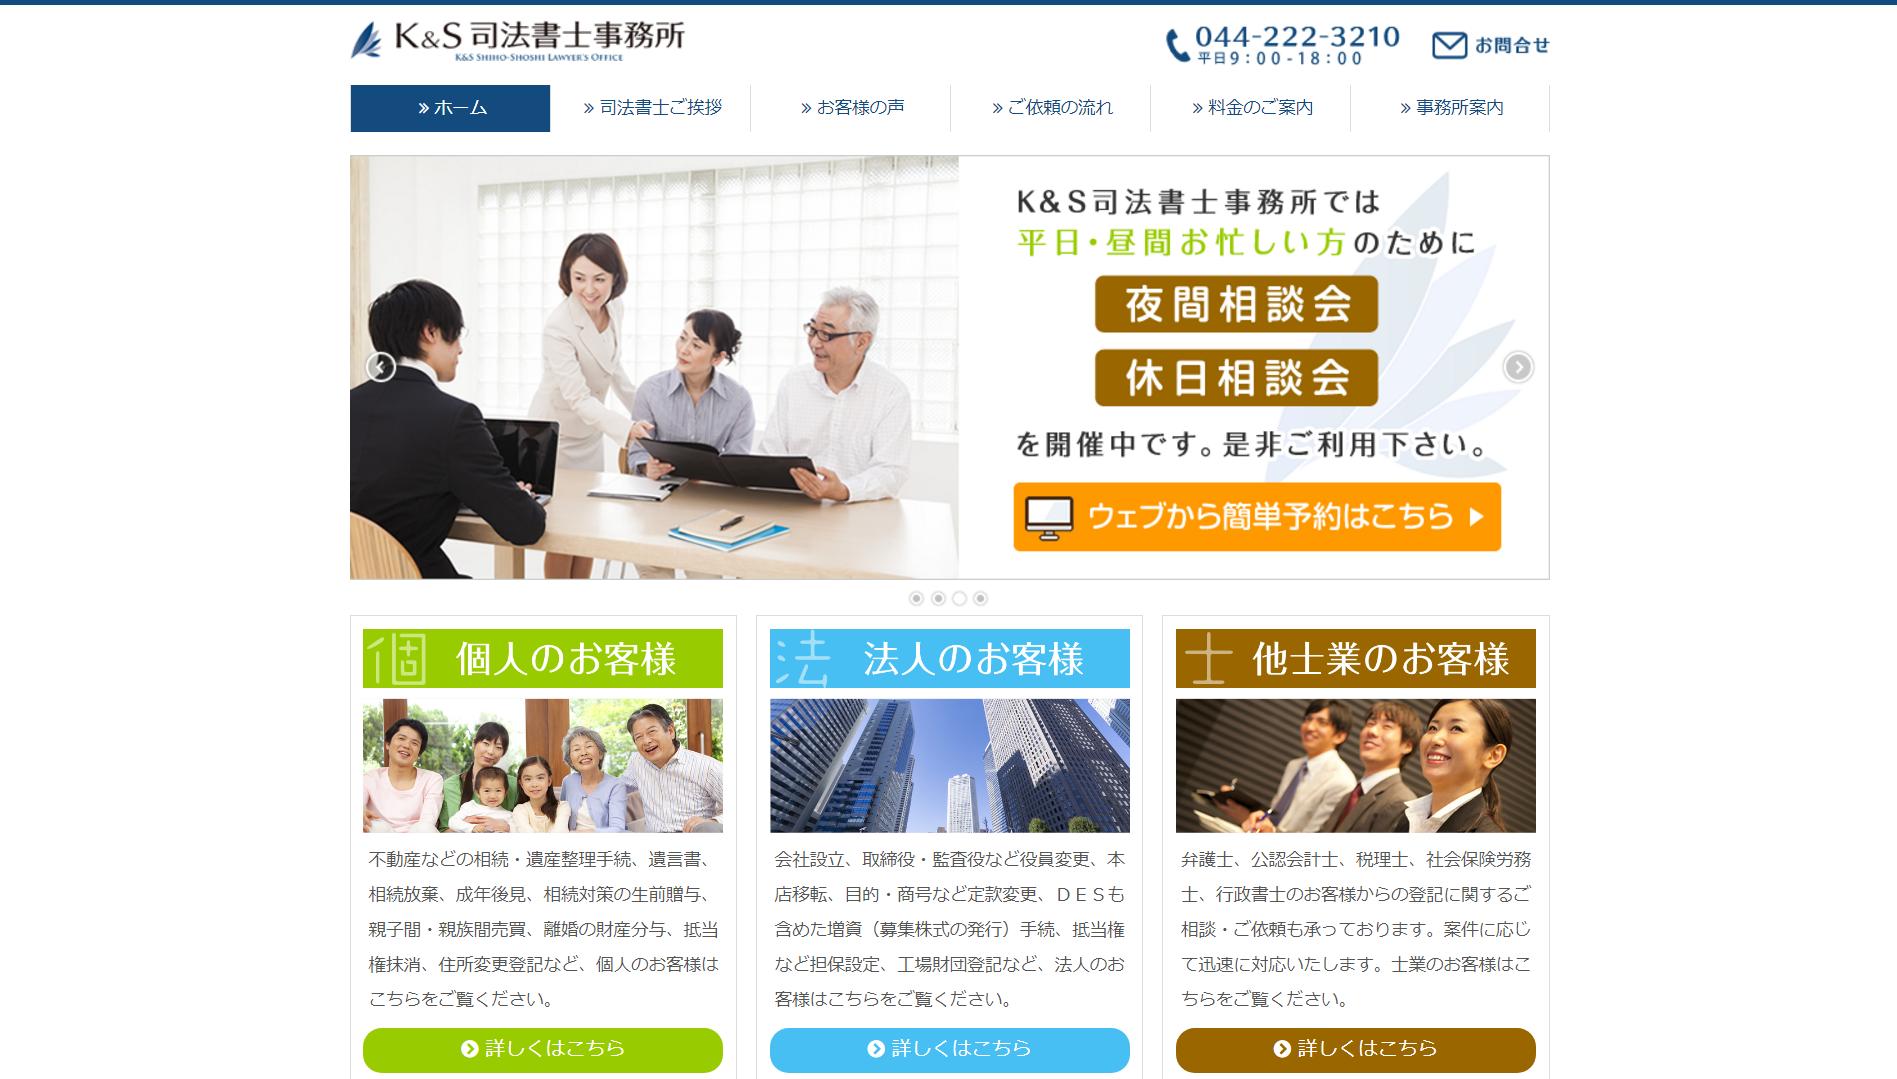 K&S司法書士事務所(神奈川県川崎市川崎区)